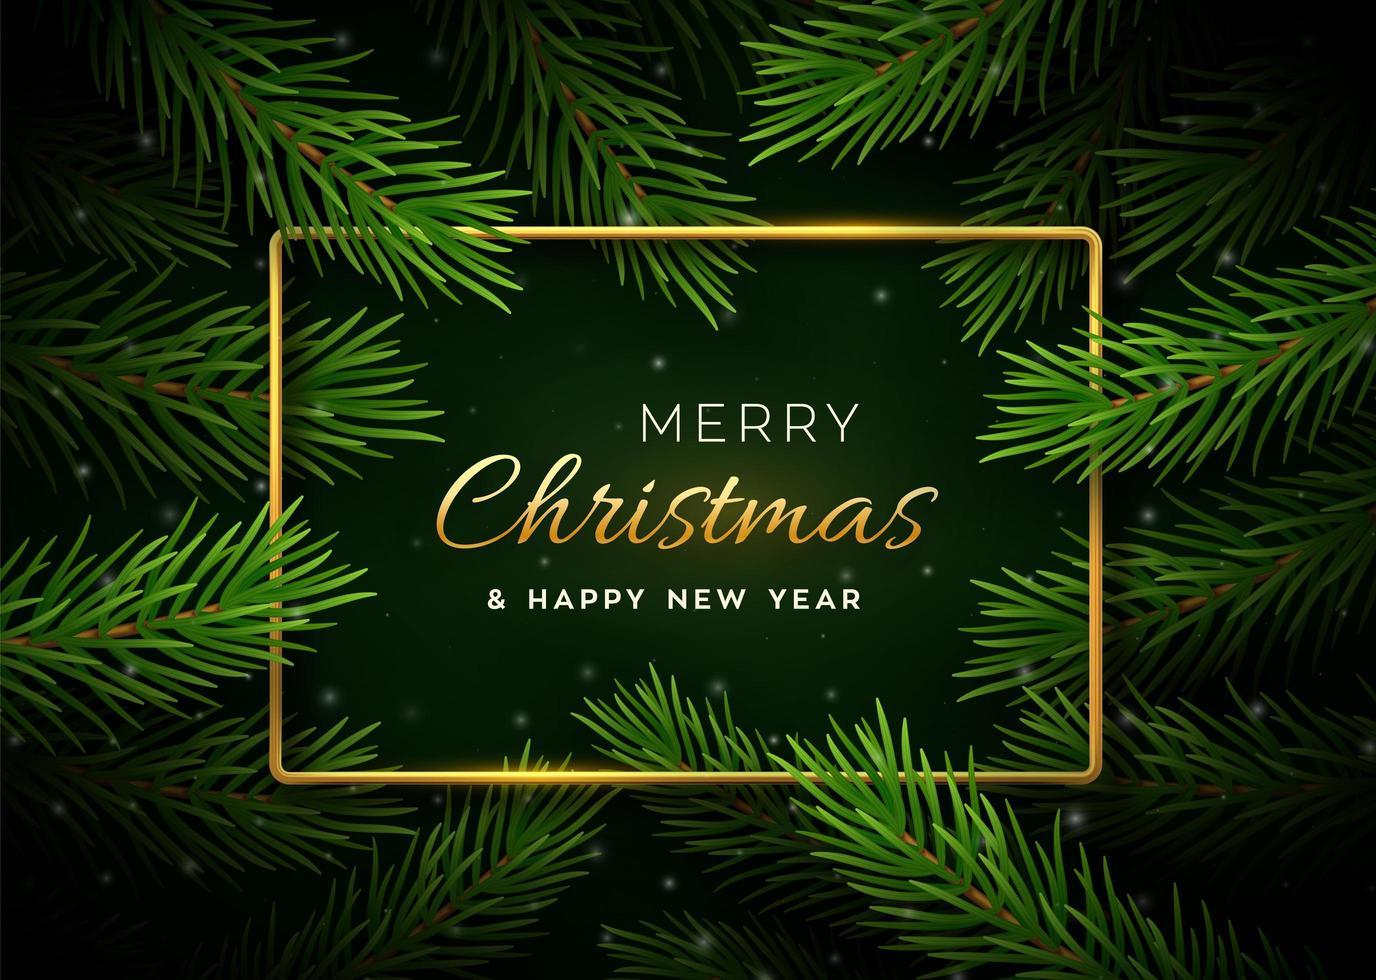 banner de natal com galhos de árvores e moldura dourada vetor